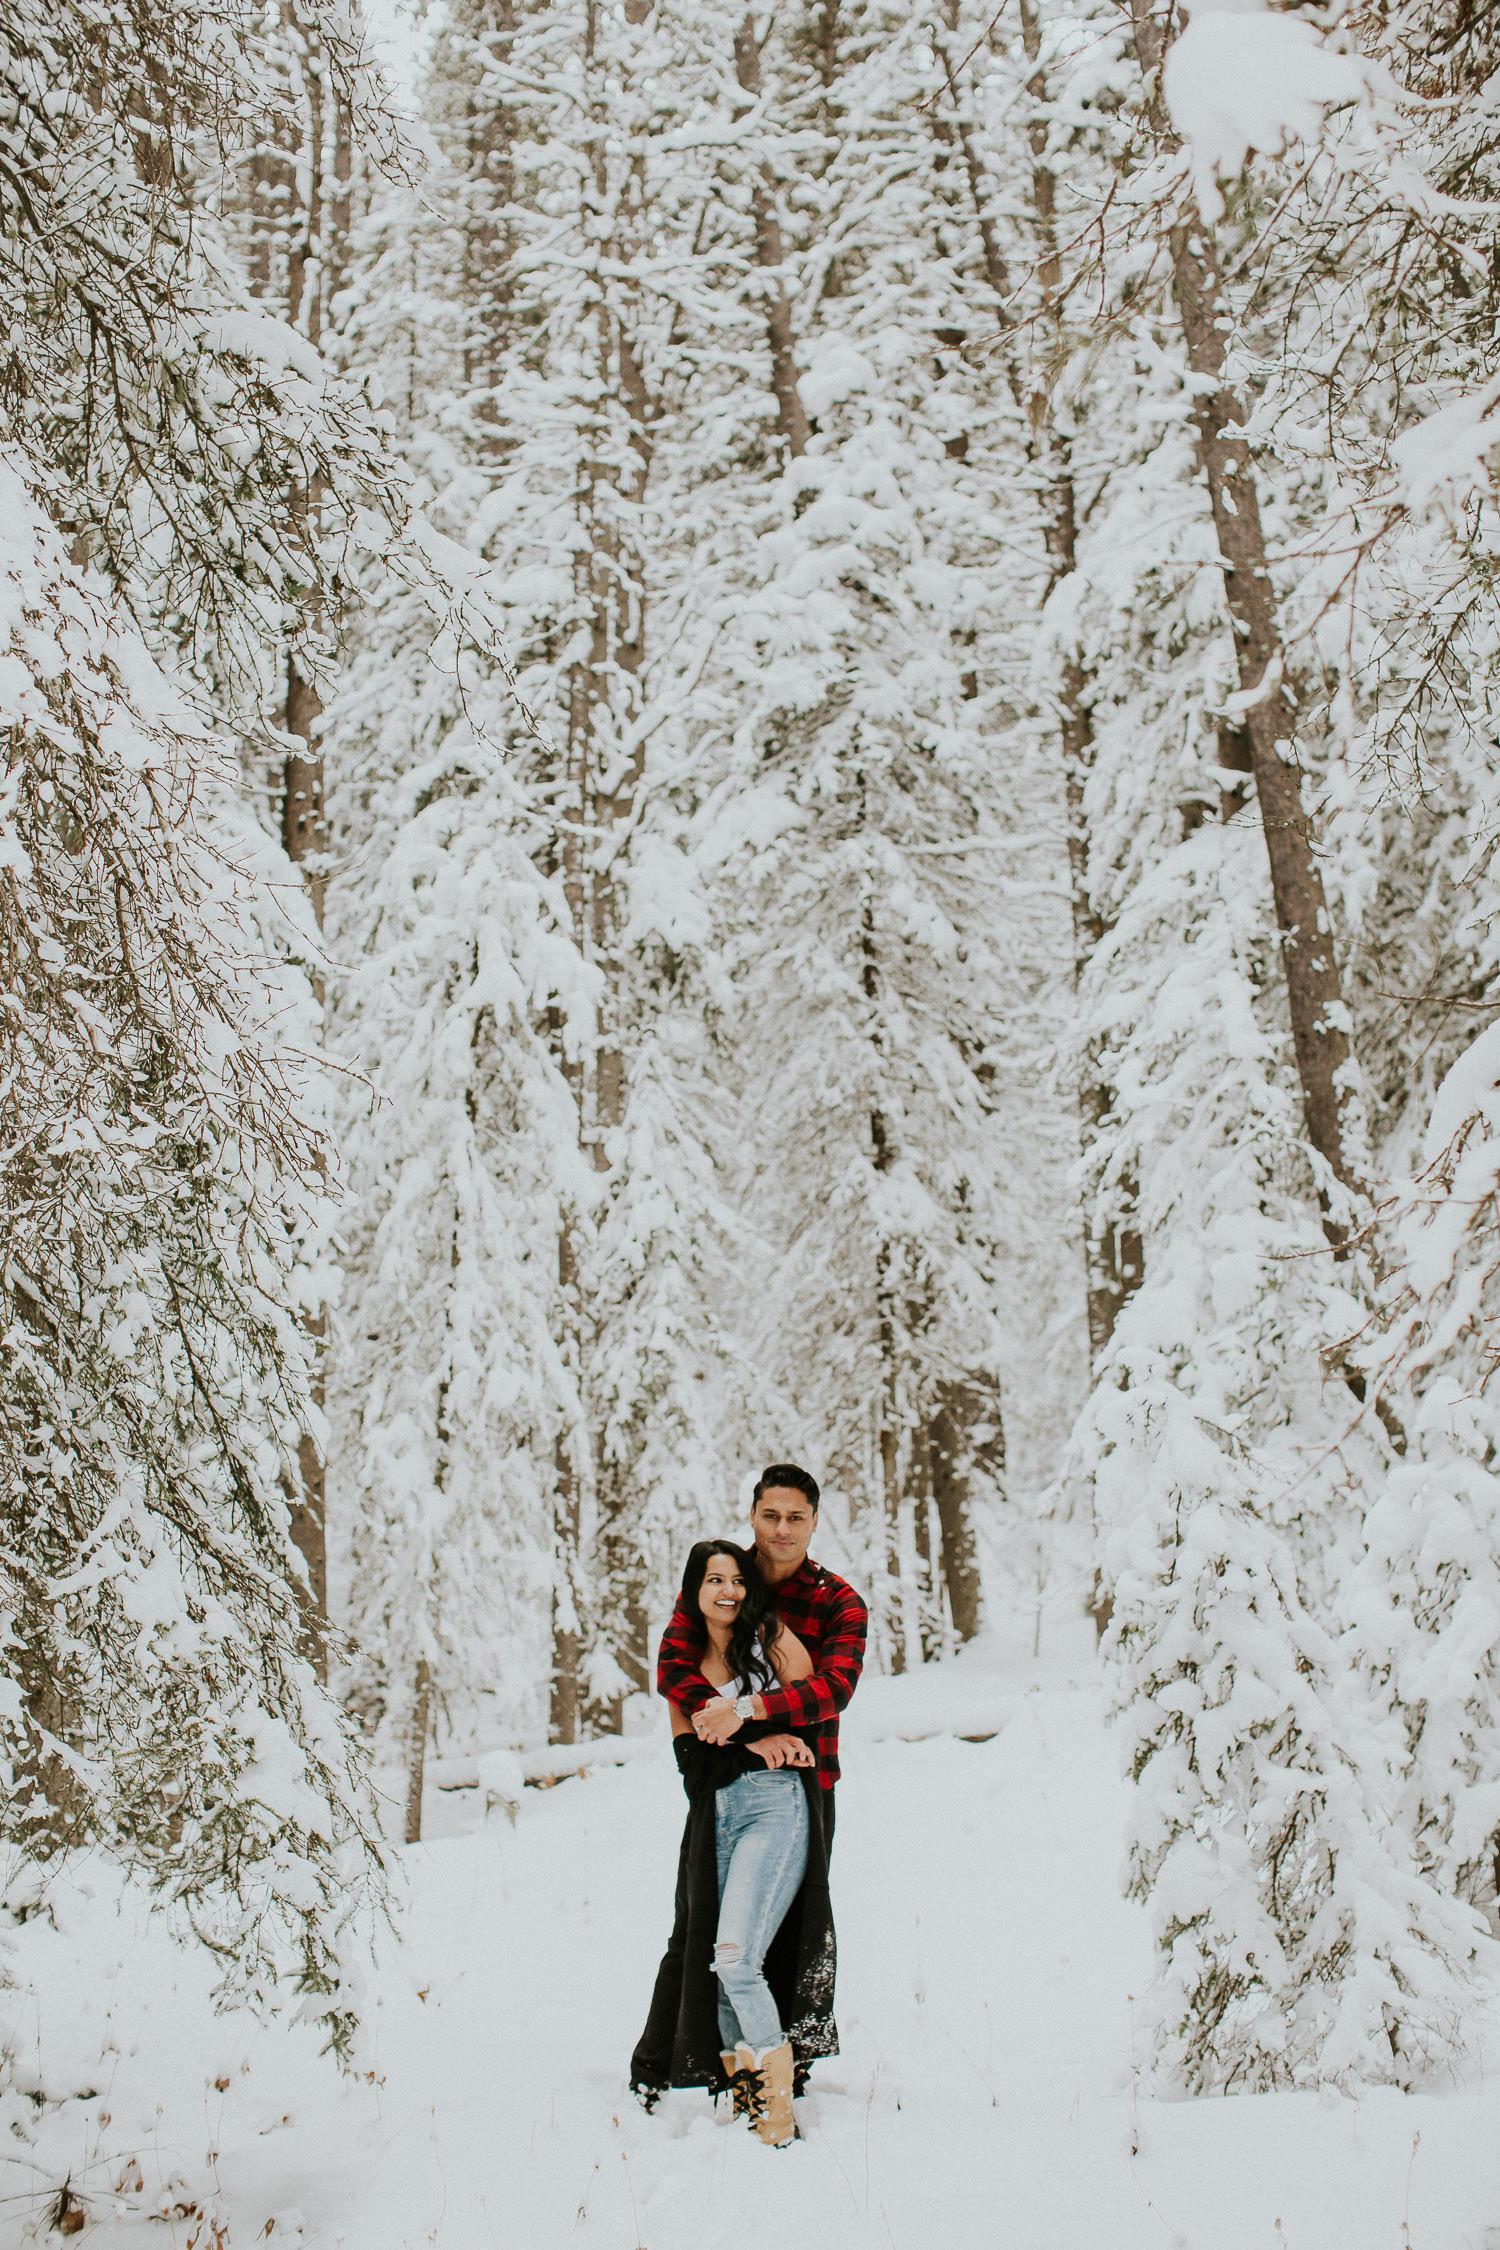 Playful Kananaskis Winter Engagement Photos - Sarah pukin